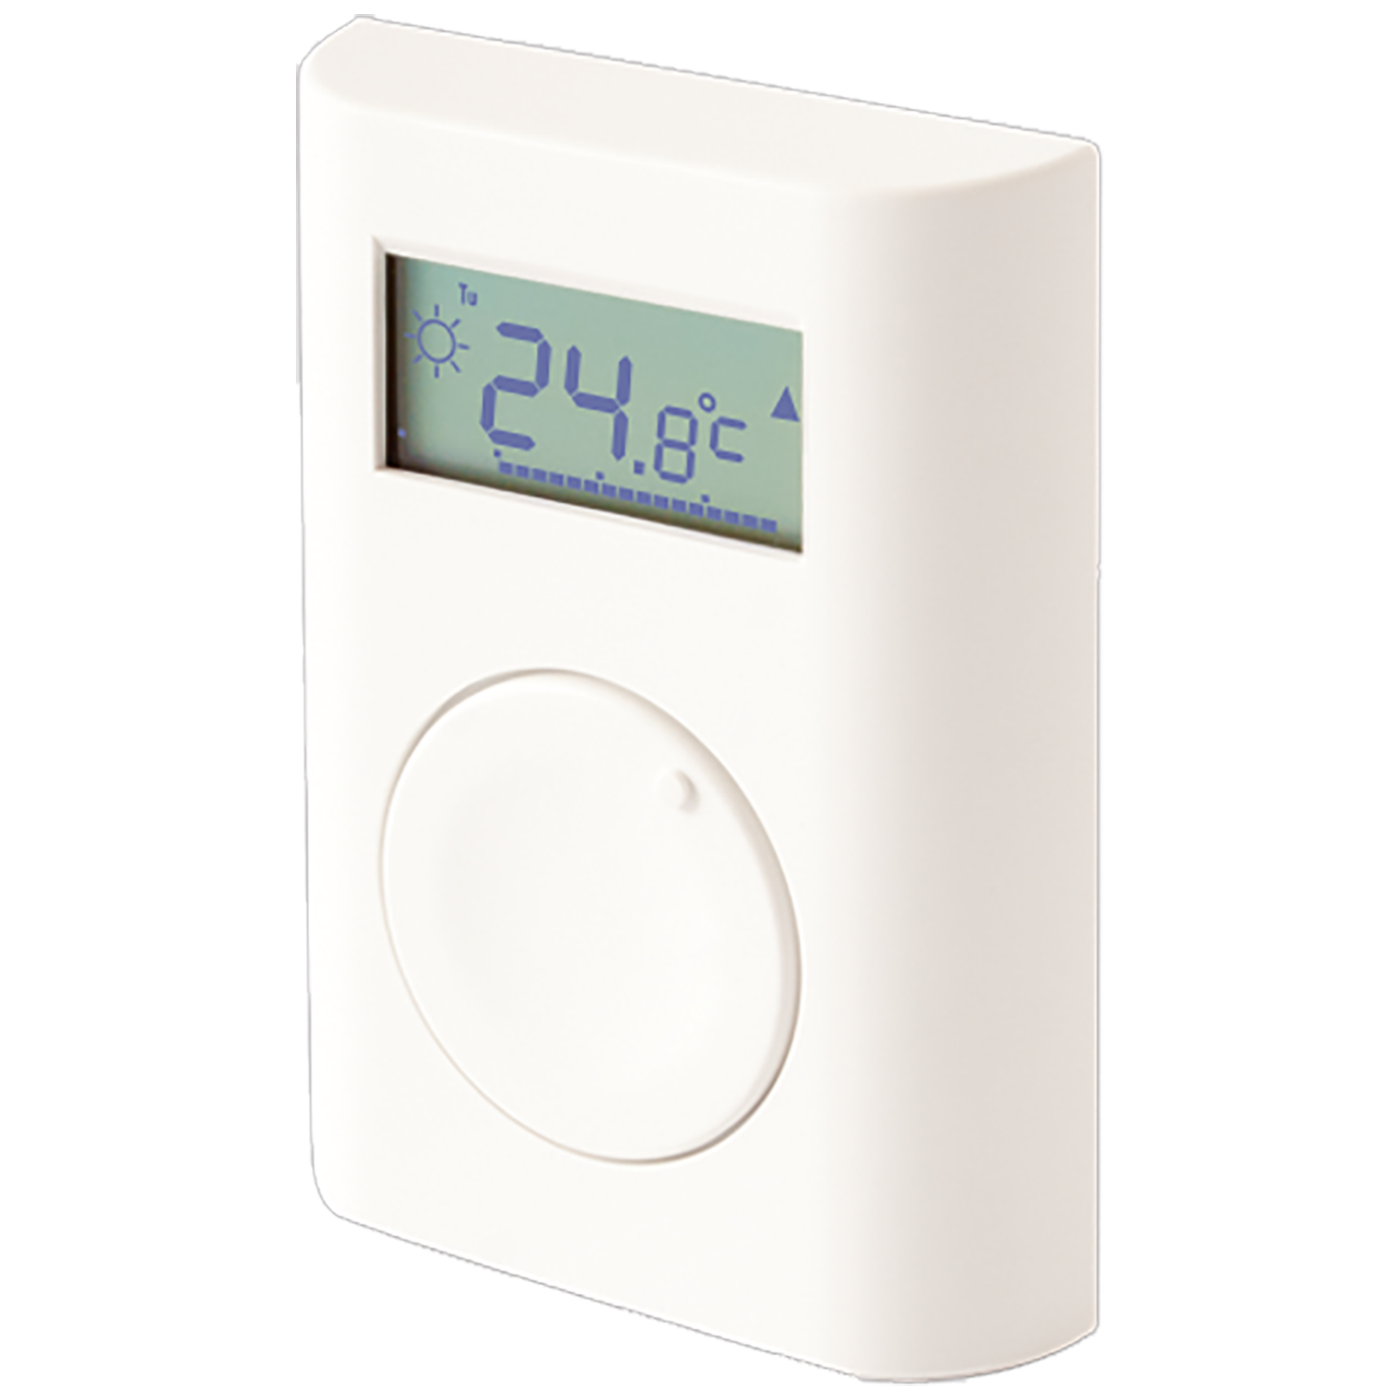 Unutarnji termostat za JA-100